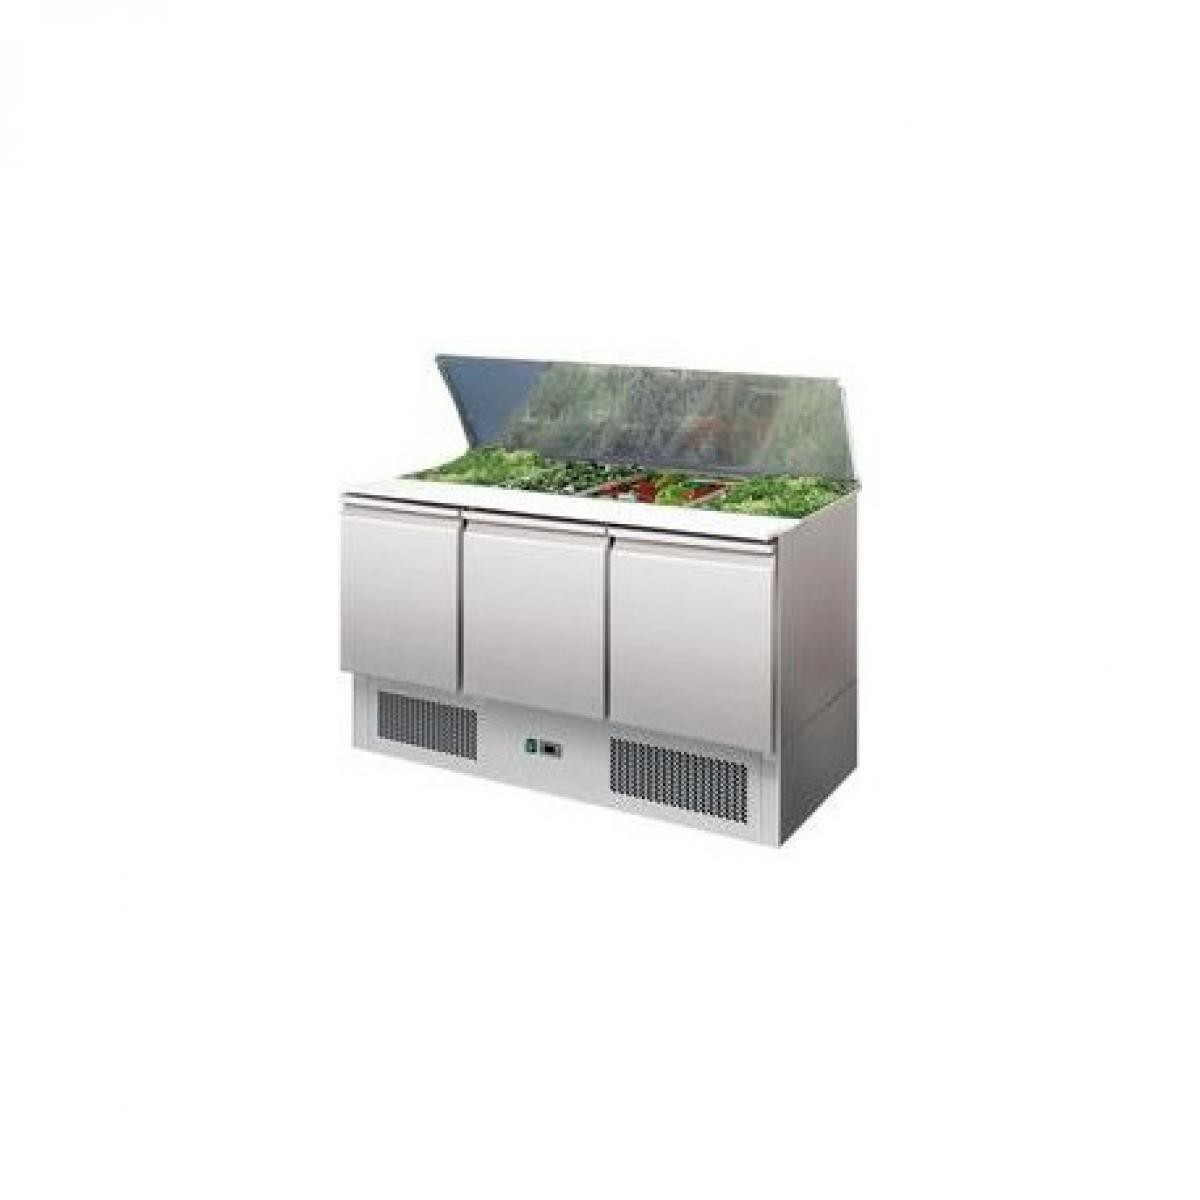 L2G Saladette réfrigérée GN 1/1- 3 portes couvercle inox - L2G - R290 3 Portes